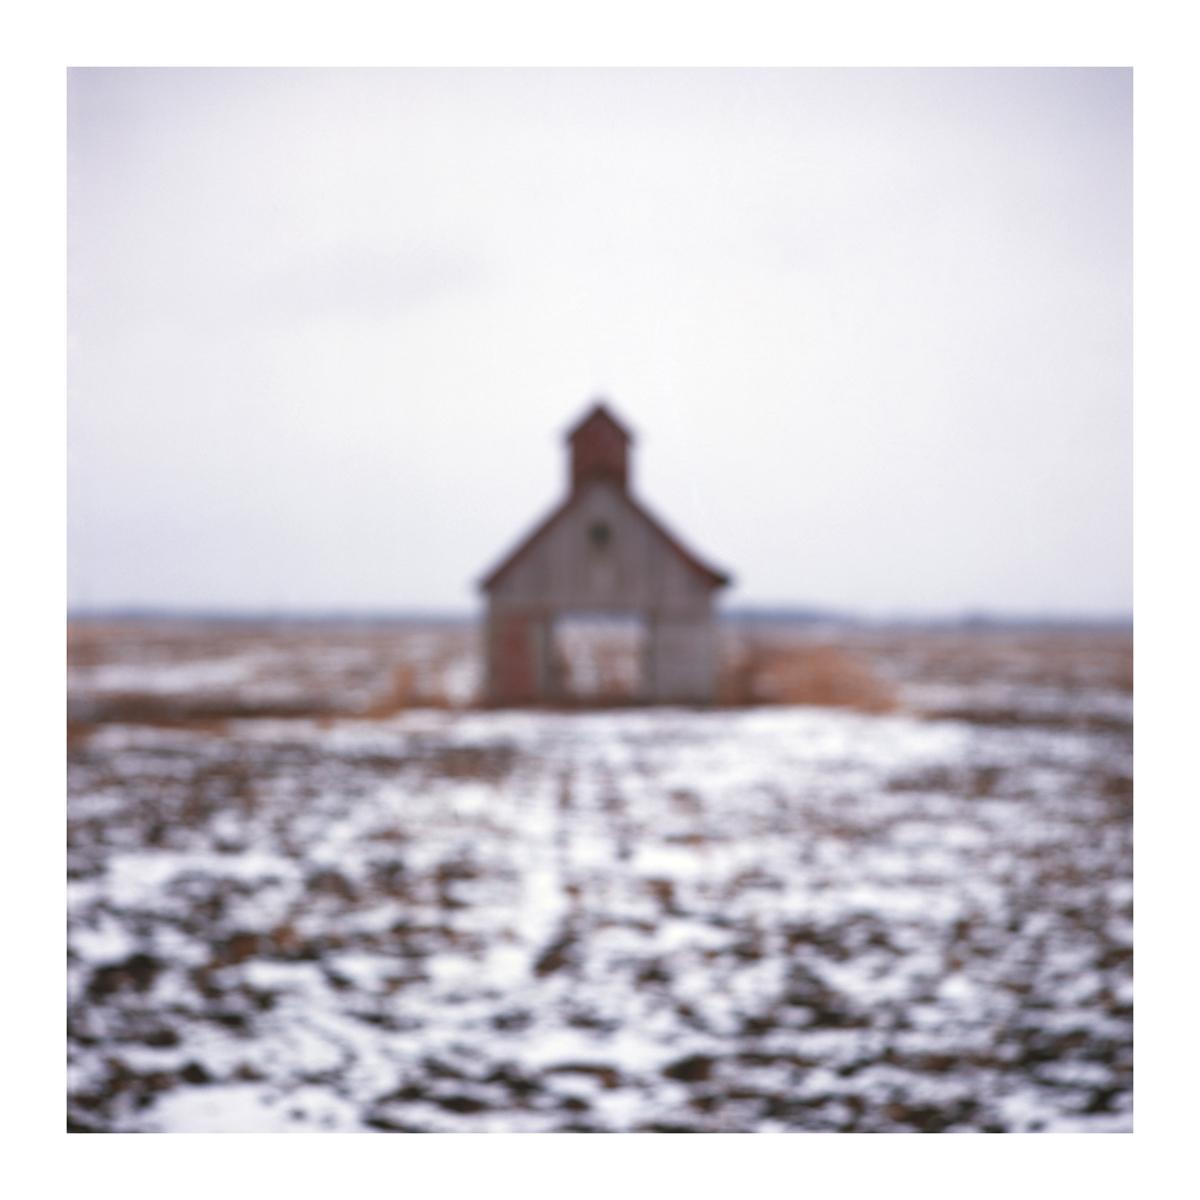 Barn, Illinois, 2015